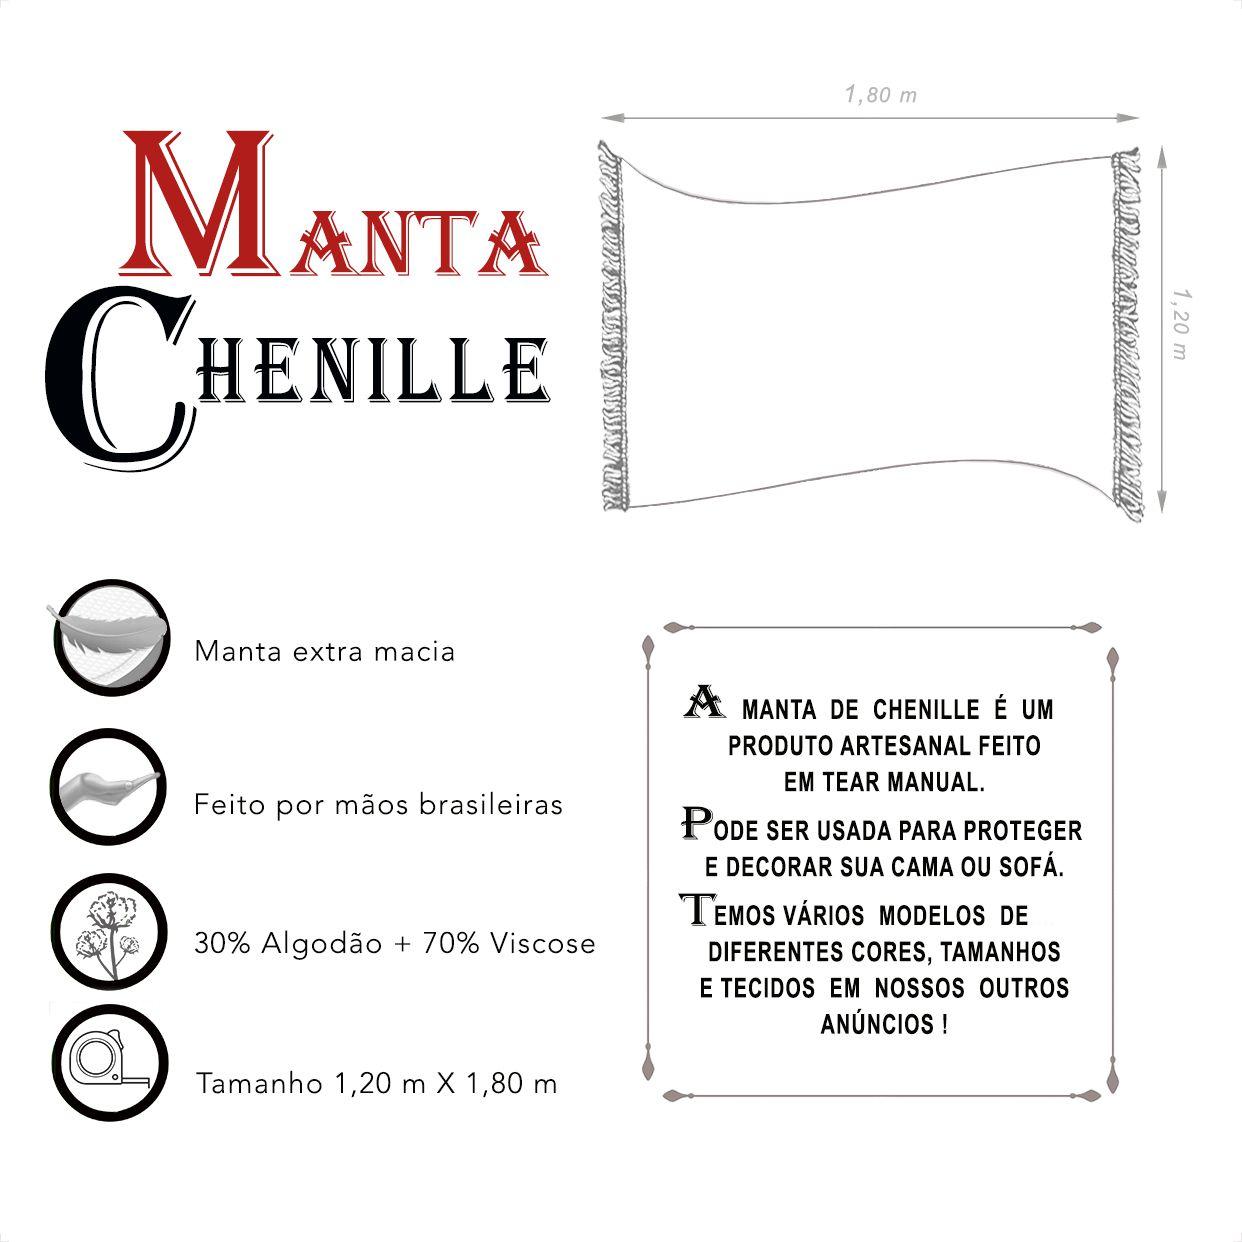 Manta de Chenille (1,20m x 1,80m)